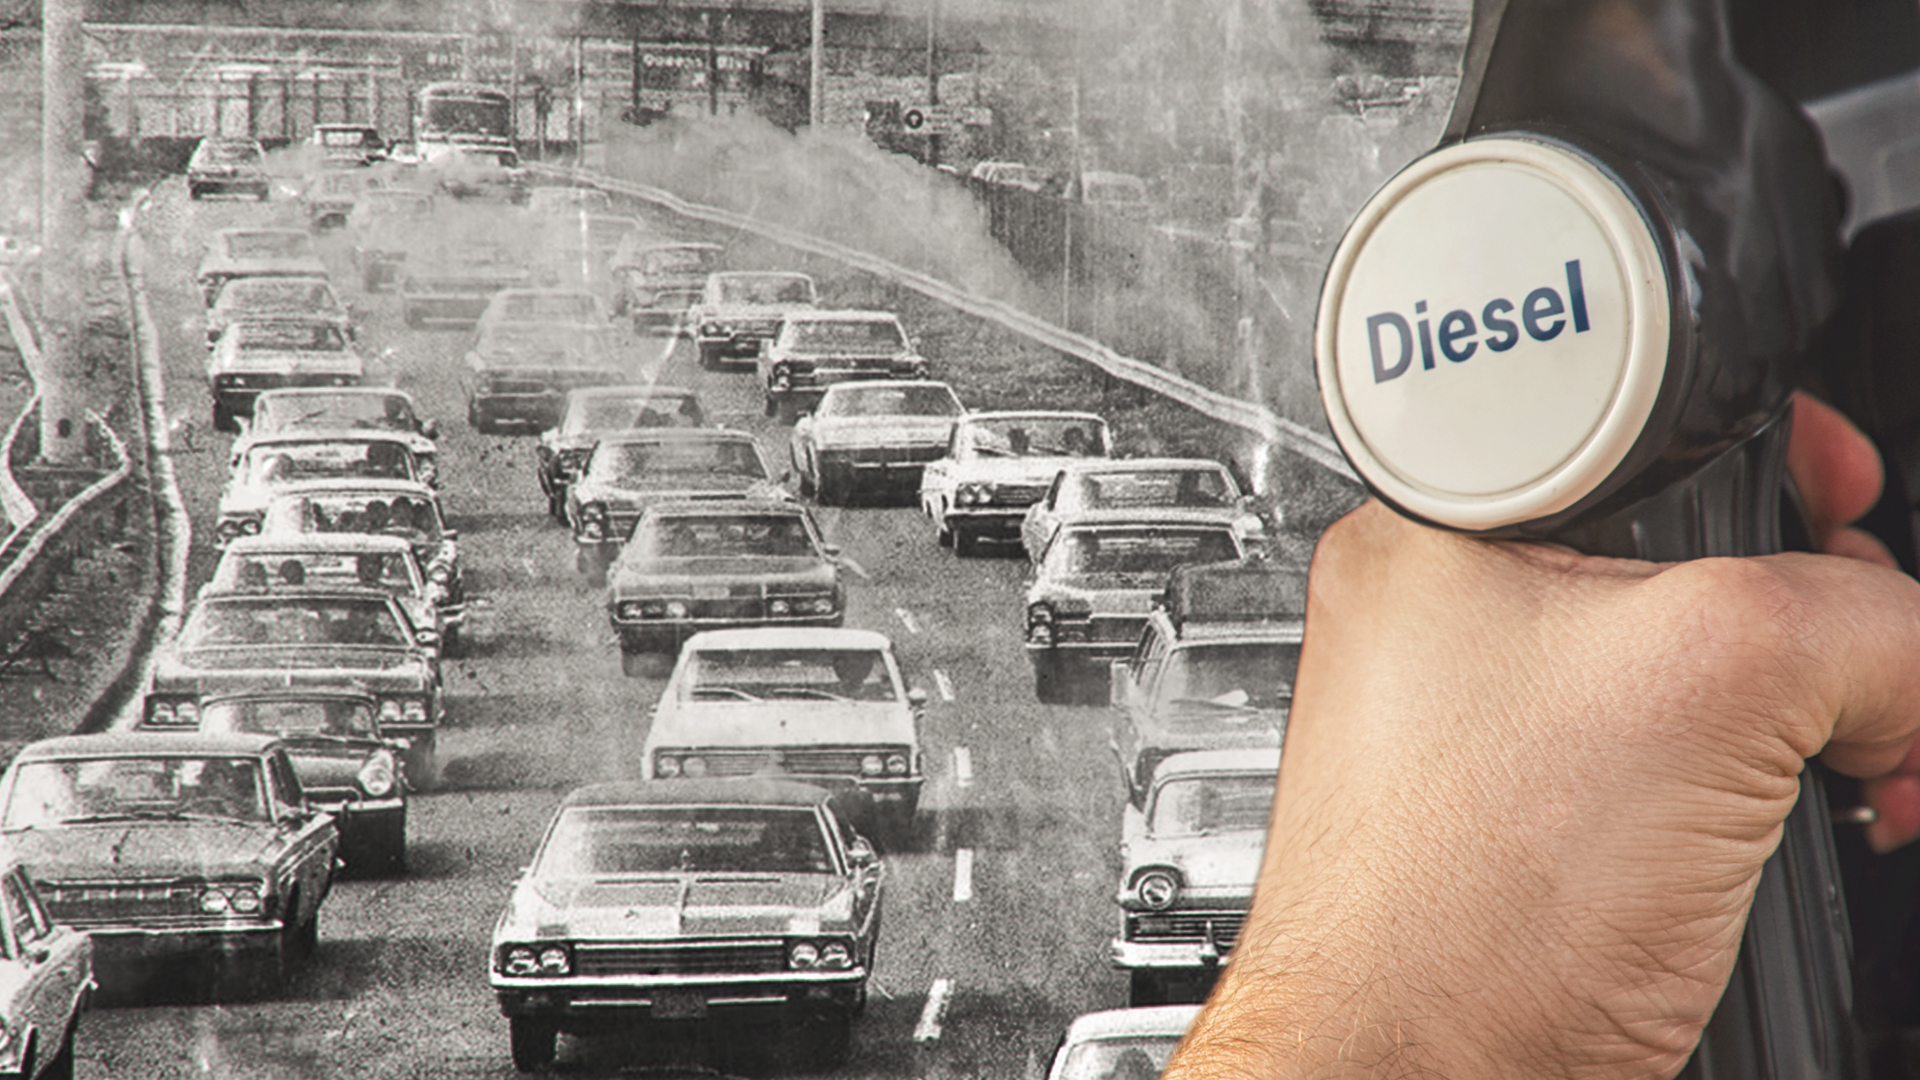 Proposta de Paulo Gamine consiste em fazer uso do diesel, combustível ainda mais poluente.